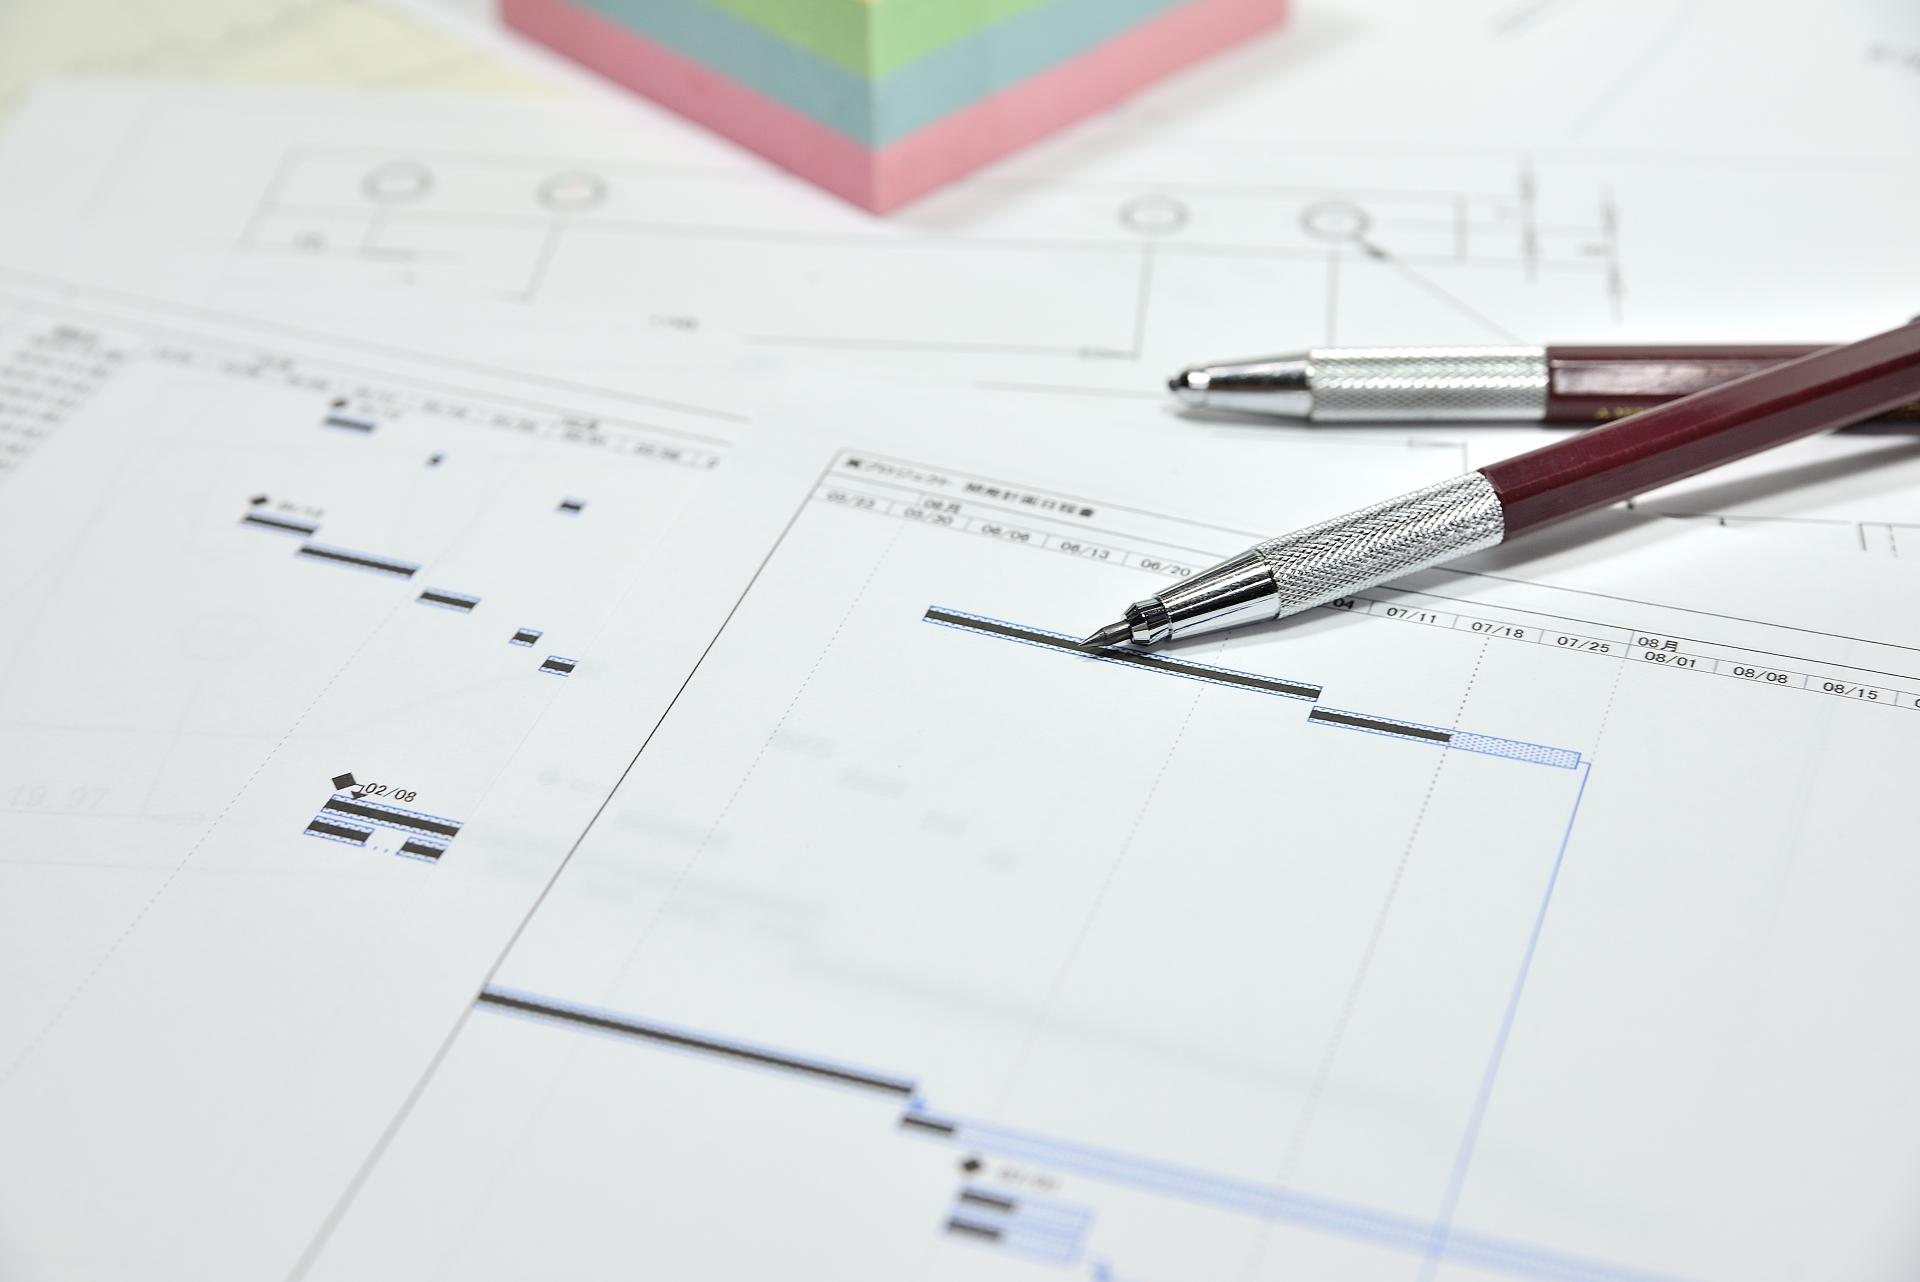 開発・製作対応事例の写真